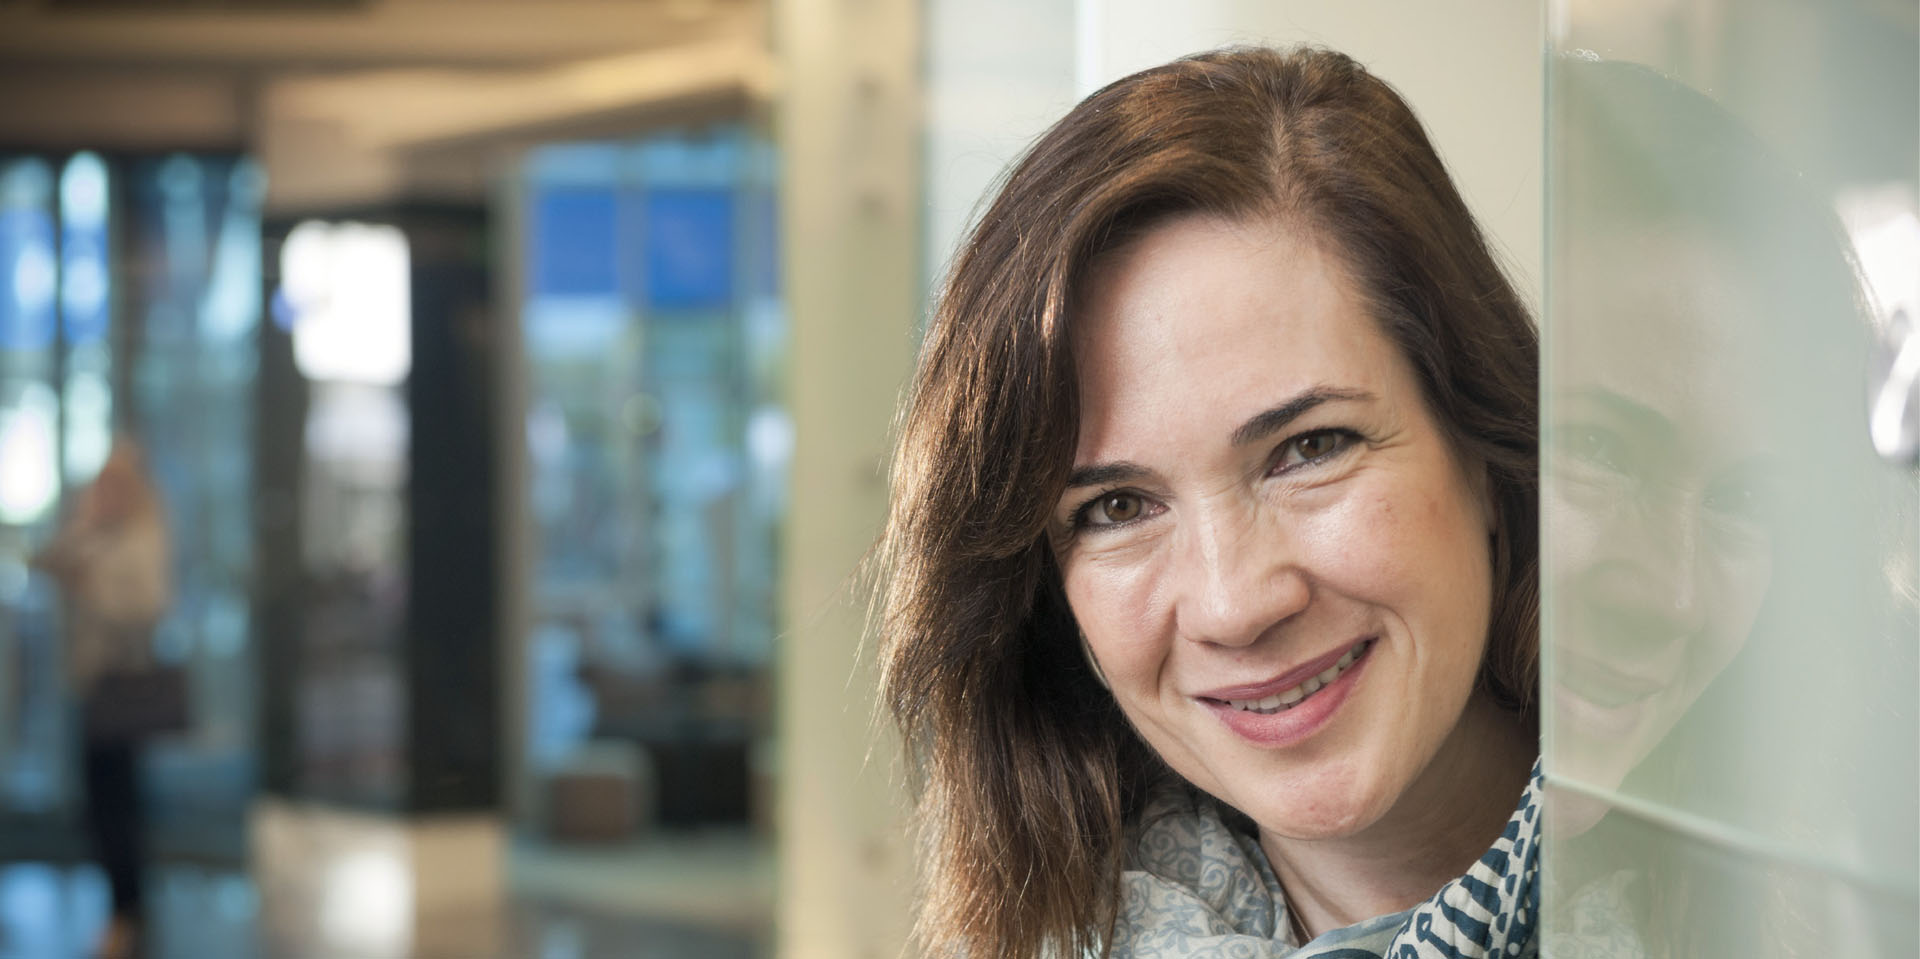 INTERVJU Helen Darbishire: 'KADA MINISTAR ZBOG SKANDALA ne podnese ostavku, posljedice osjeća njegova stranka na izborima'